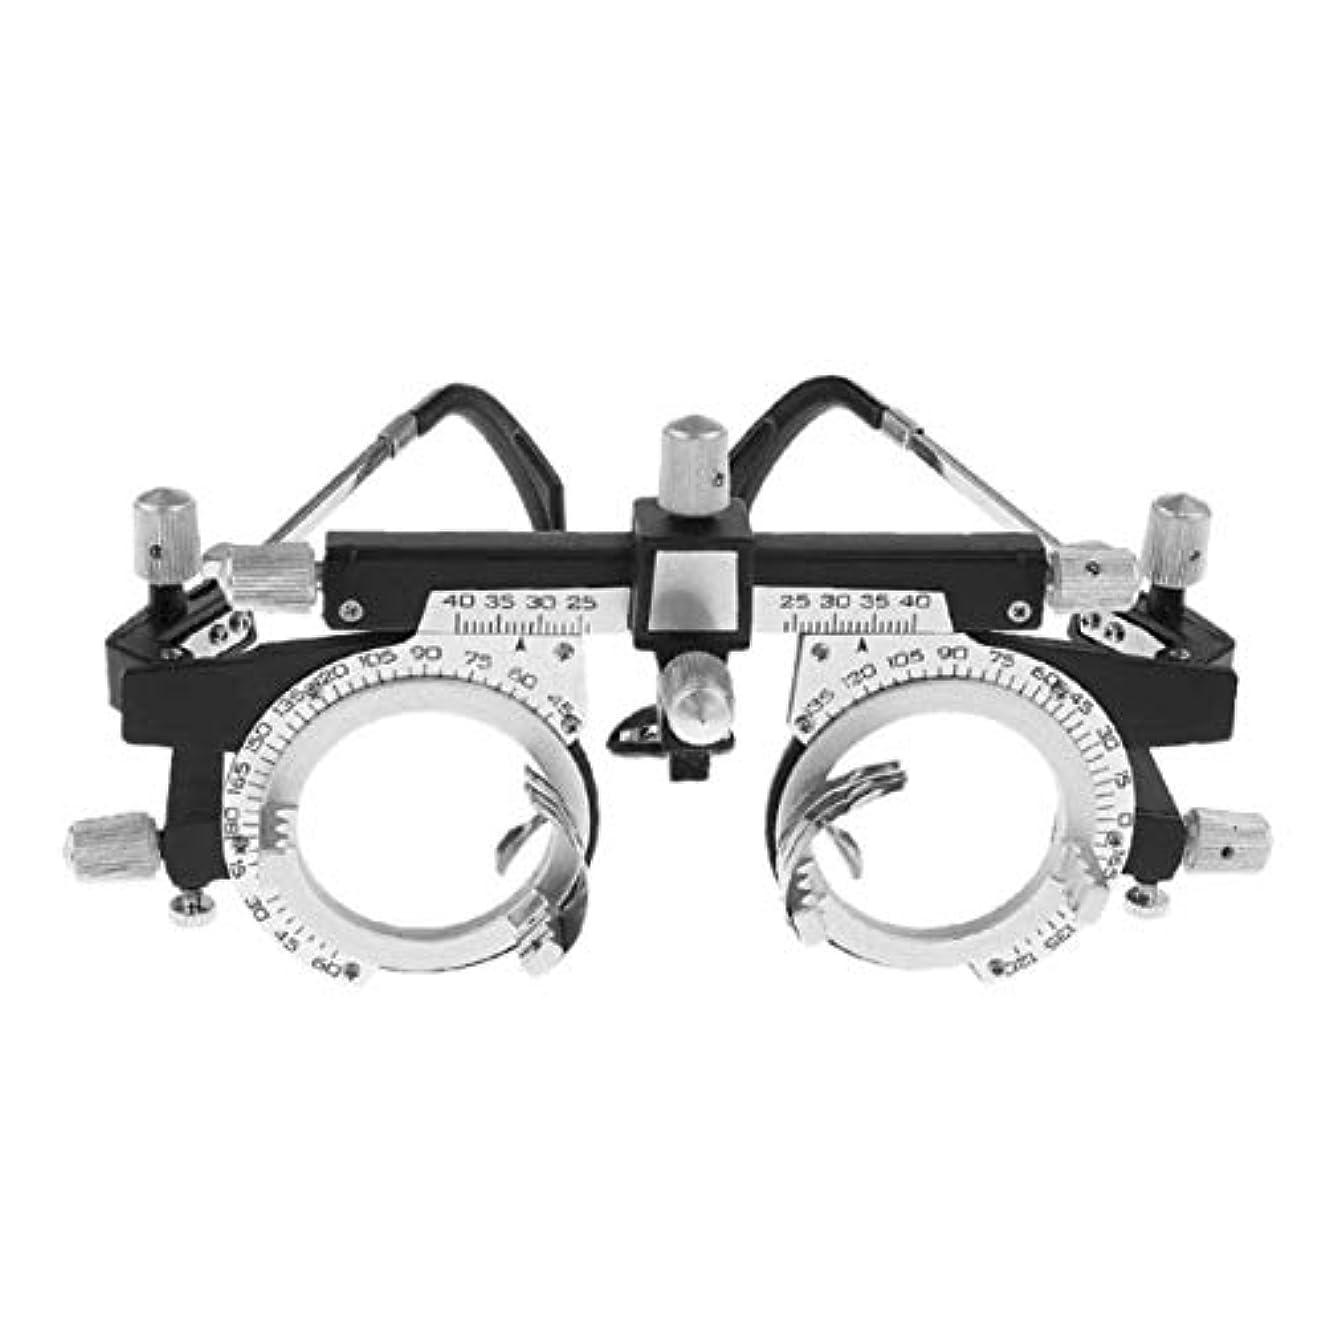 アマゾンジャングル誓いコンパクトBirdlantern調節可能なプロフェッショナルアイウェア検眼メタルフレームオプティカルオプティクストライアルレンズメタルフレームPDメガネアクセサリー